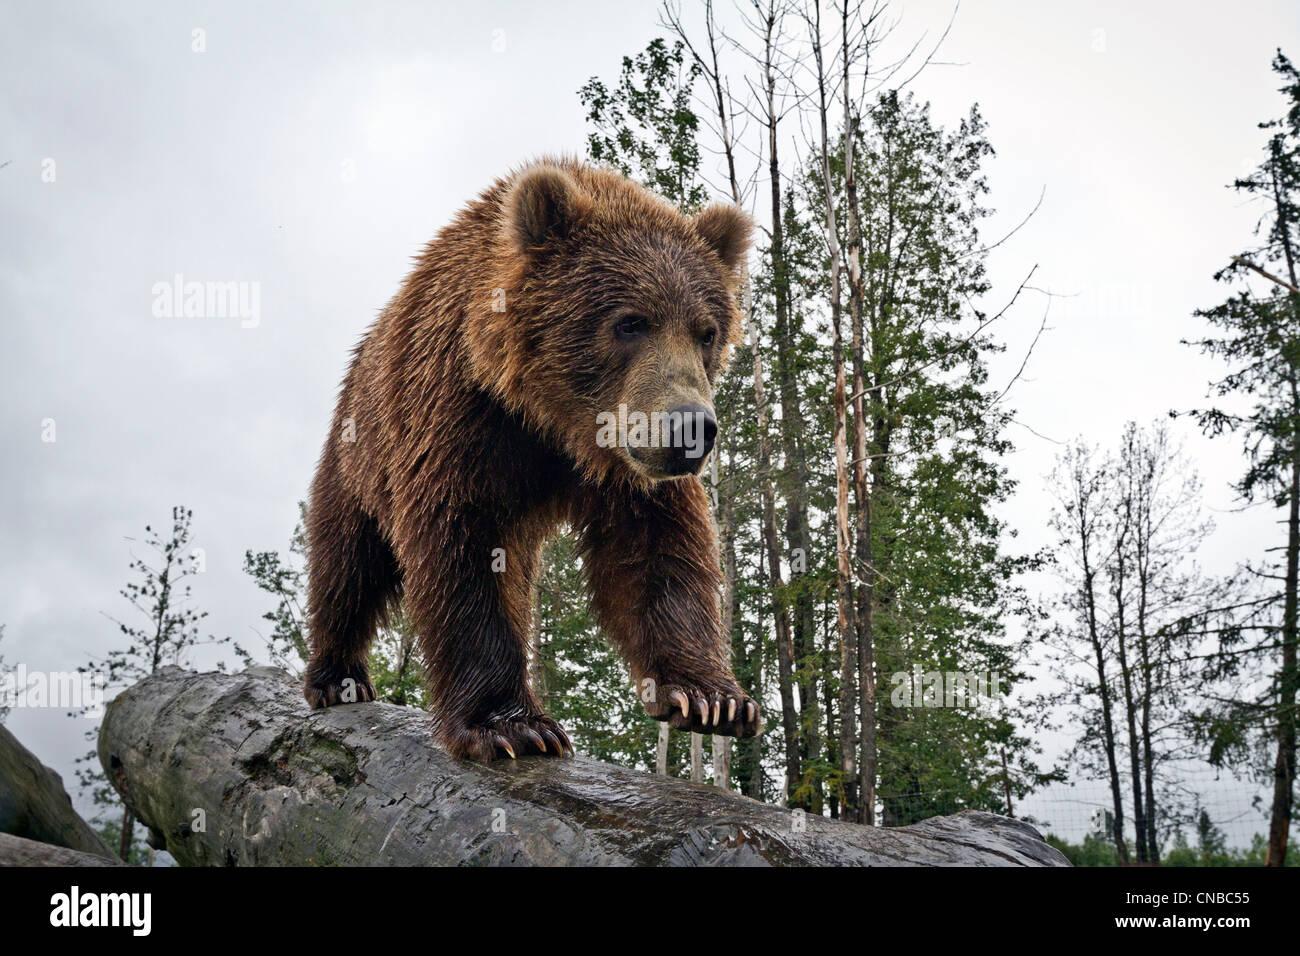 Cautivo: Macho Marrón Kodiak Bear camina por un registro, el Centro de Conservación de la vida silvestre de Alaska, Southcentral Alaska, Verano Foto de stock